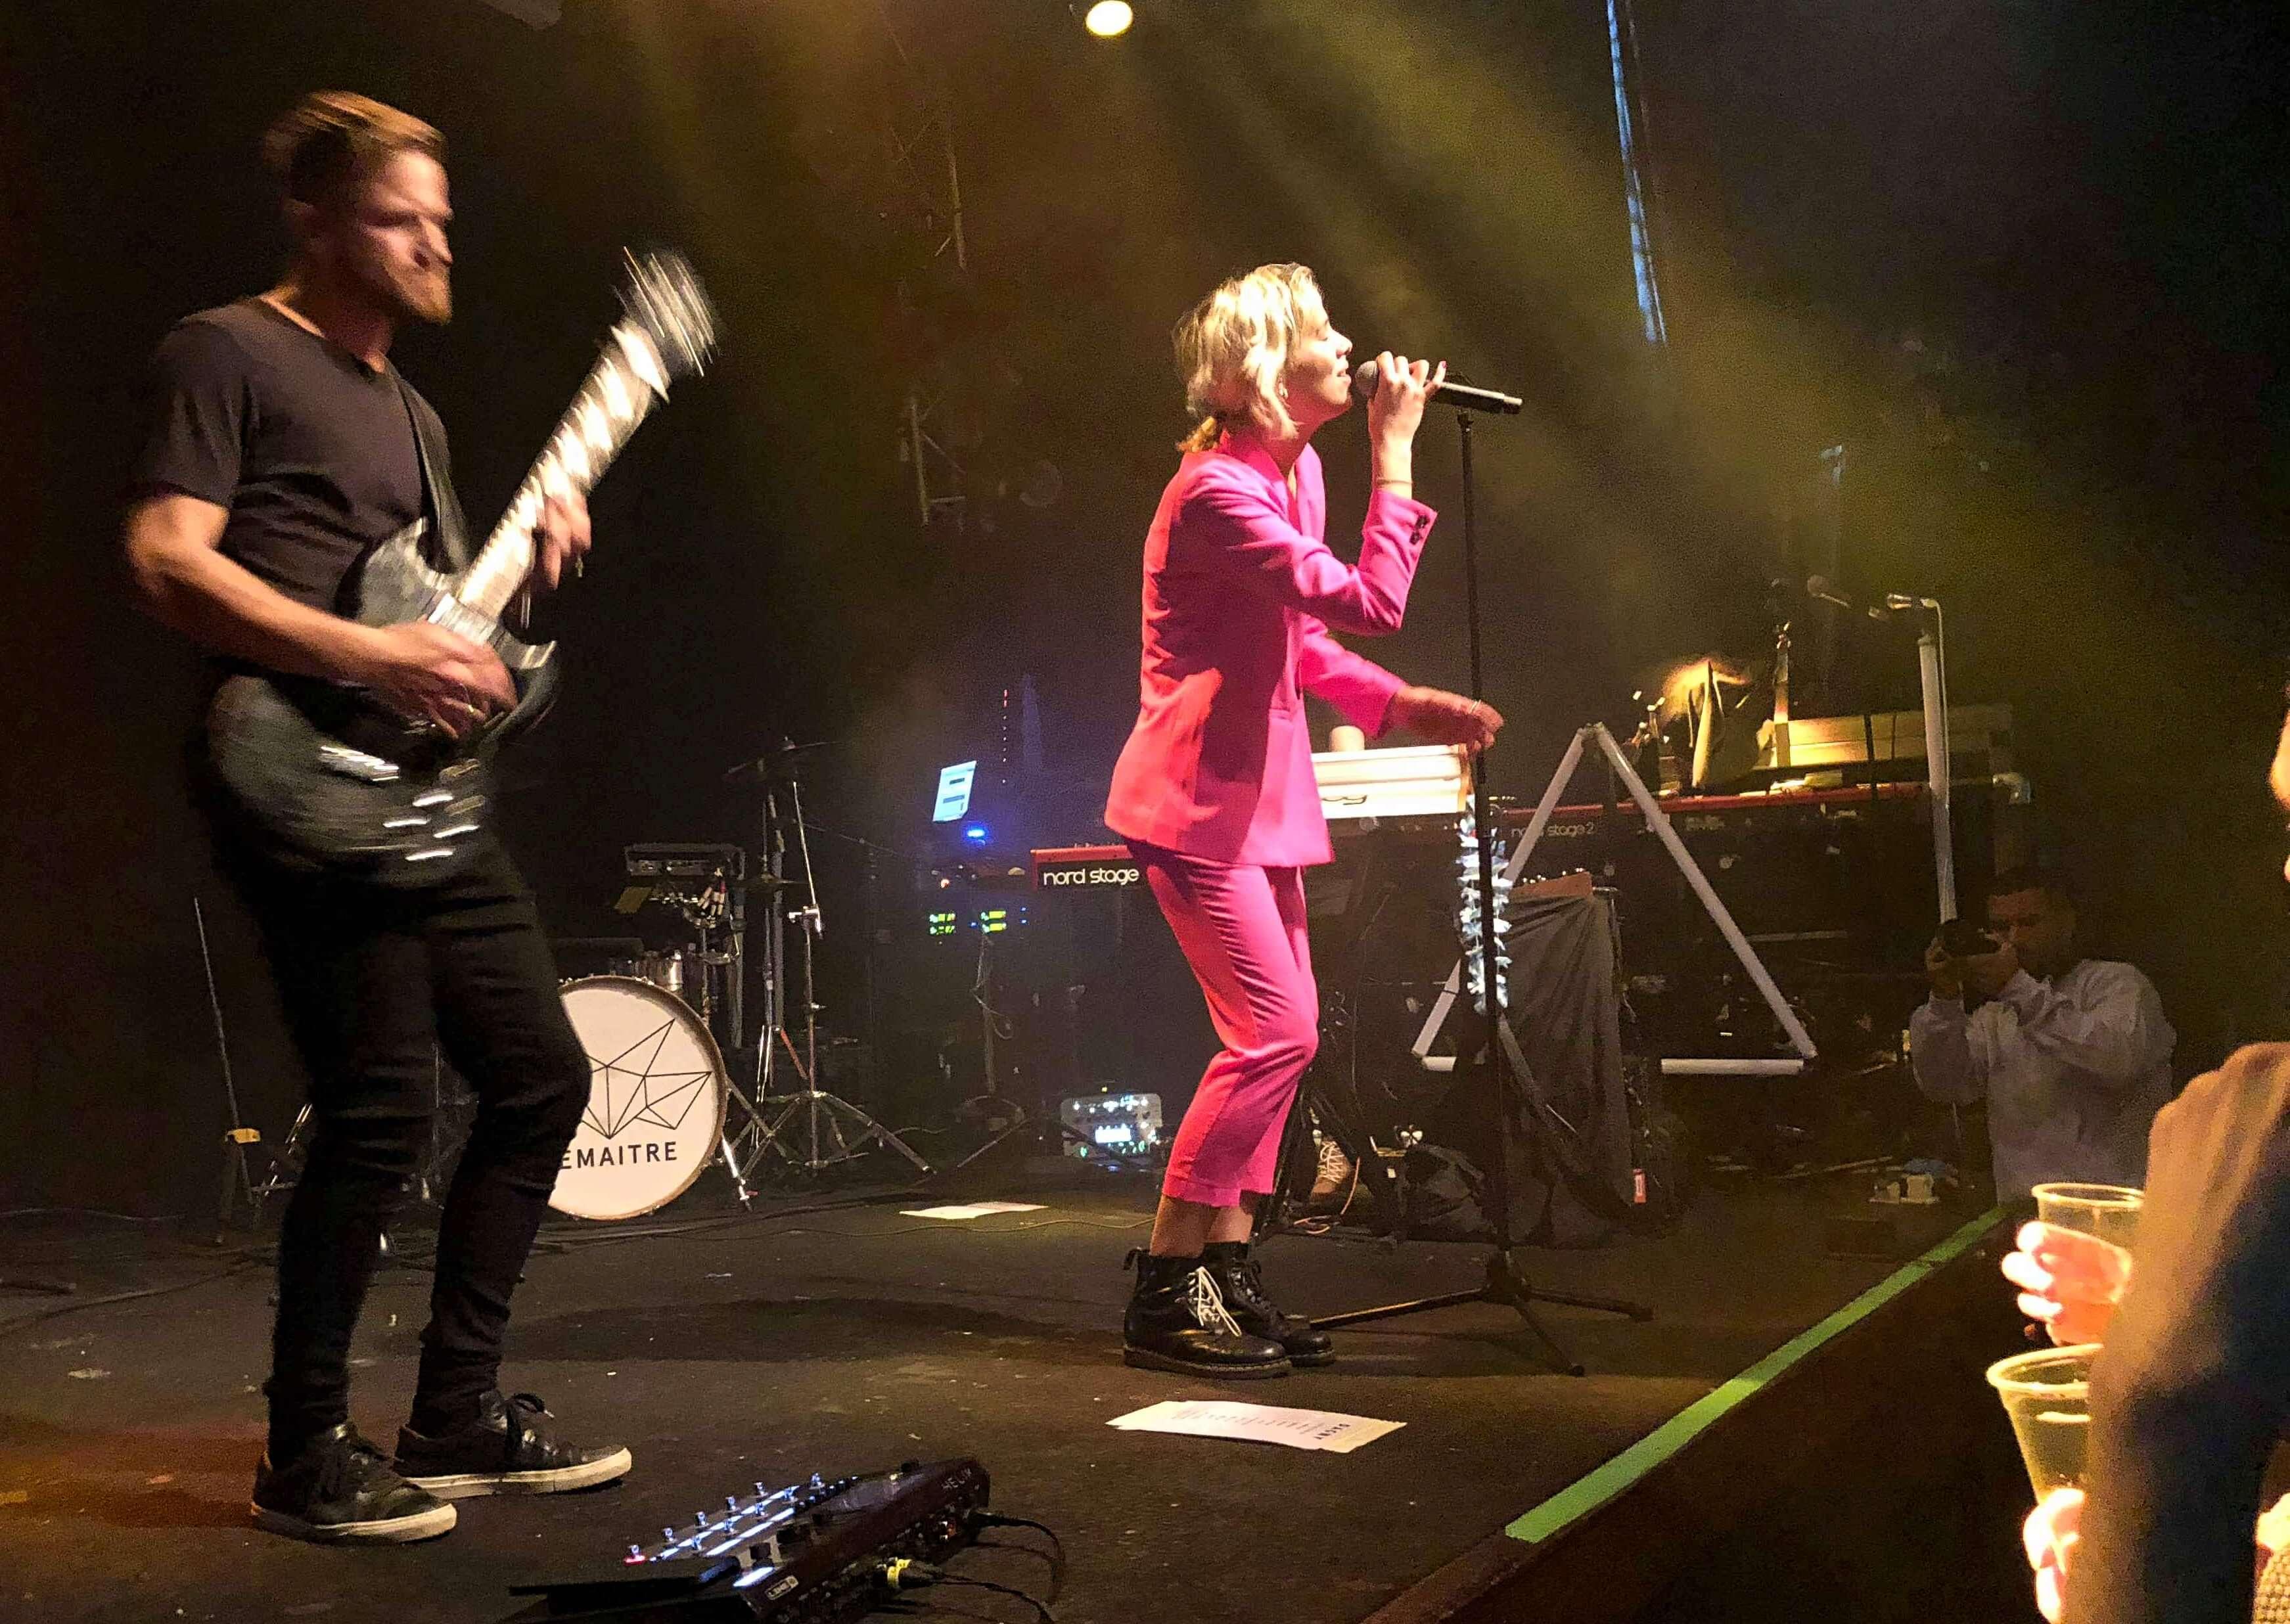 Dagny with her band. Image credit: Stine Ødegård